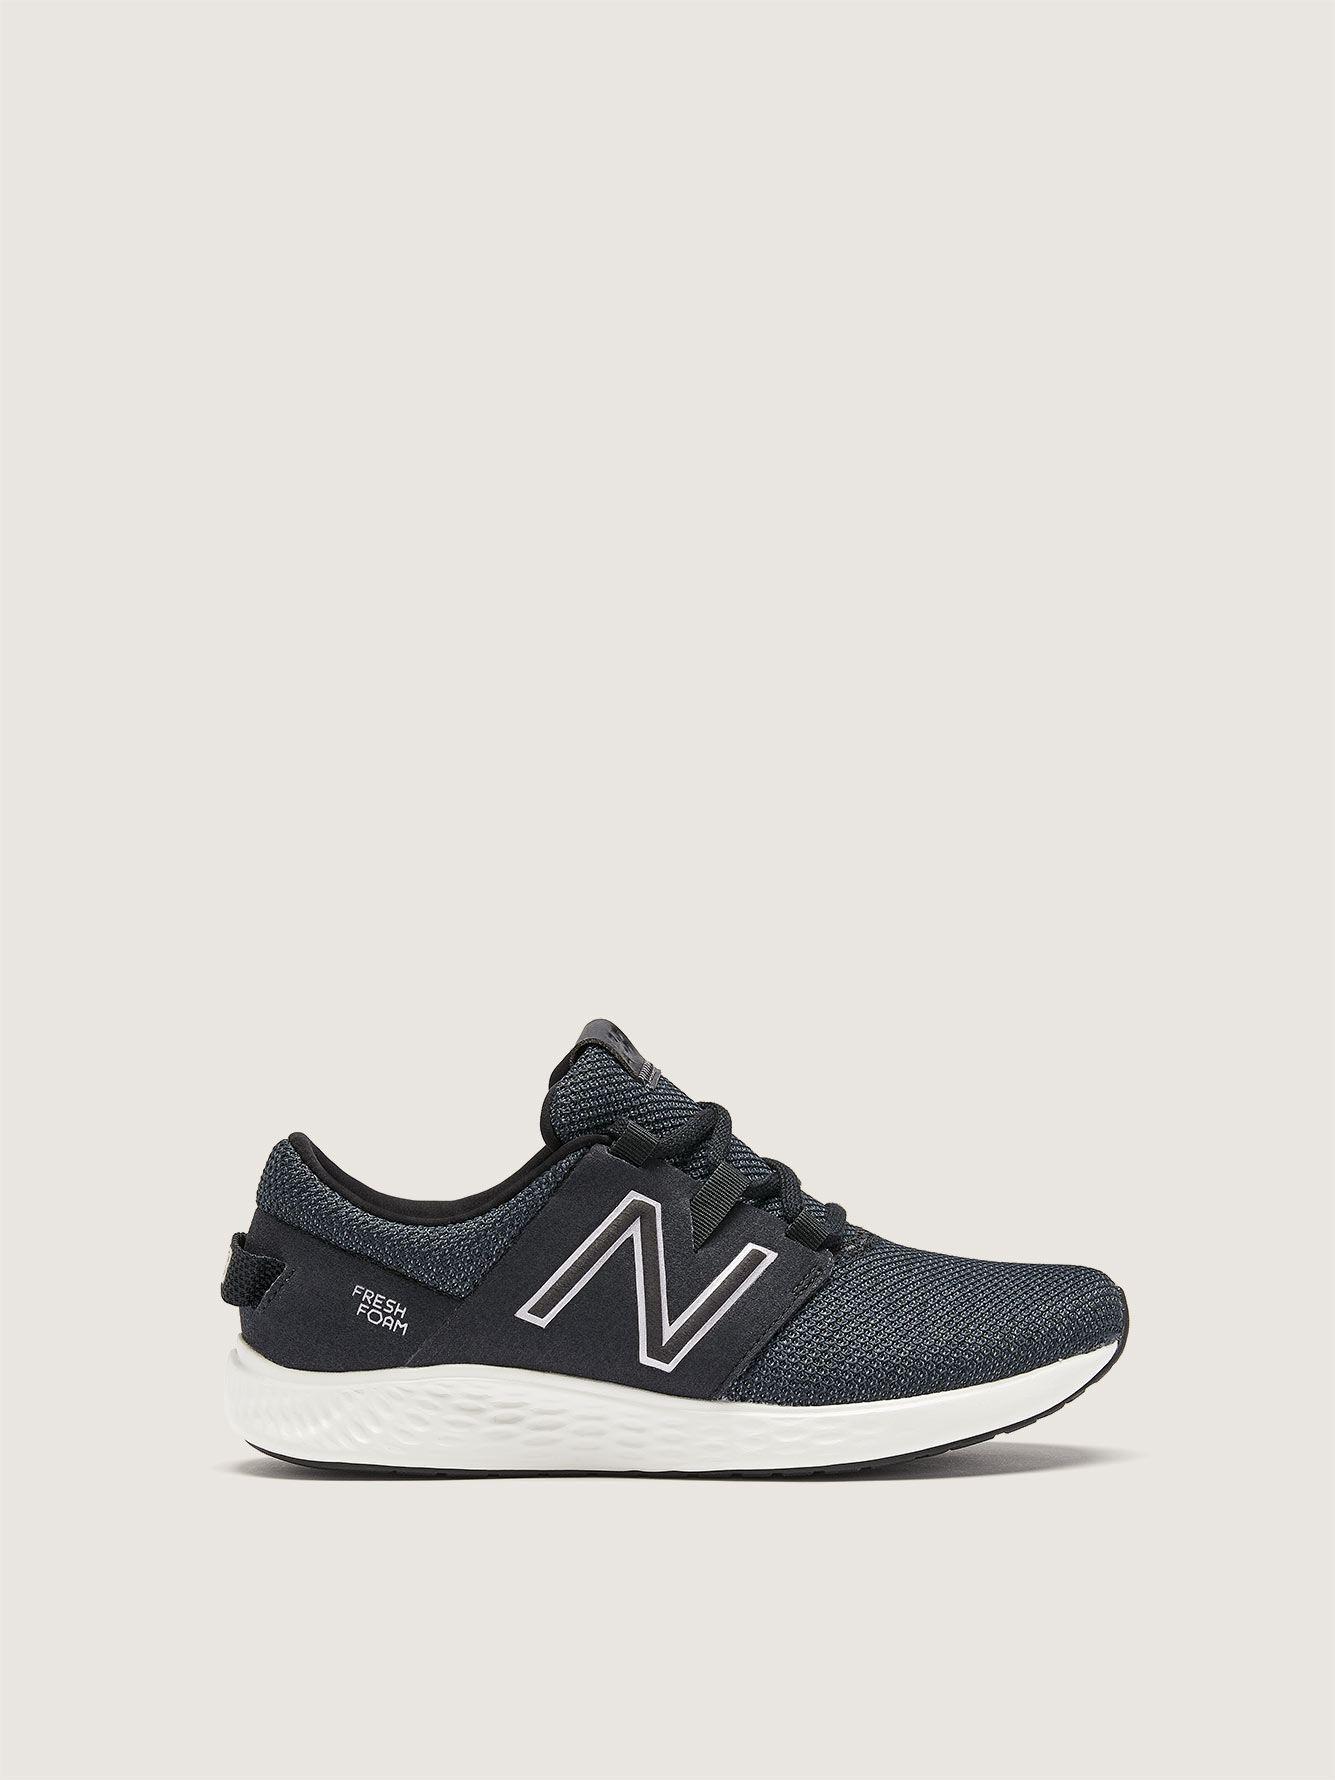 comment savoir si les chaussures New Balance sont larges